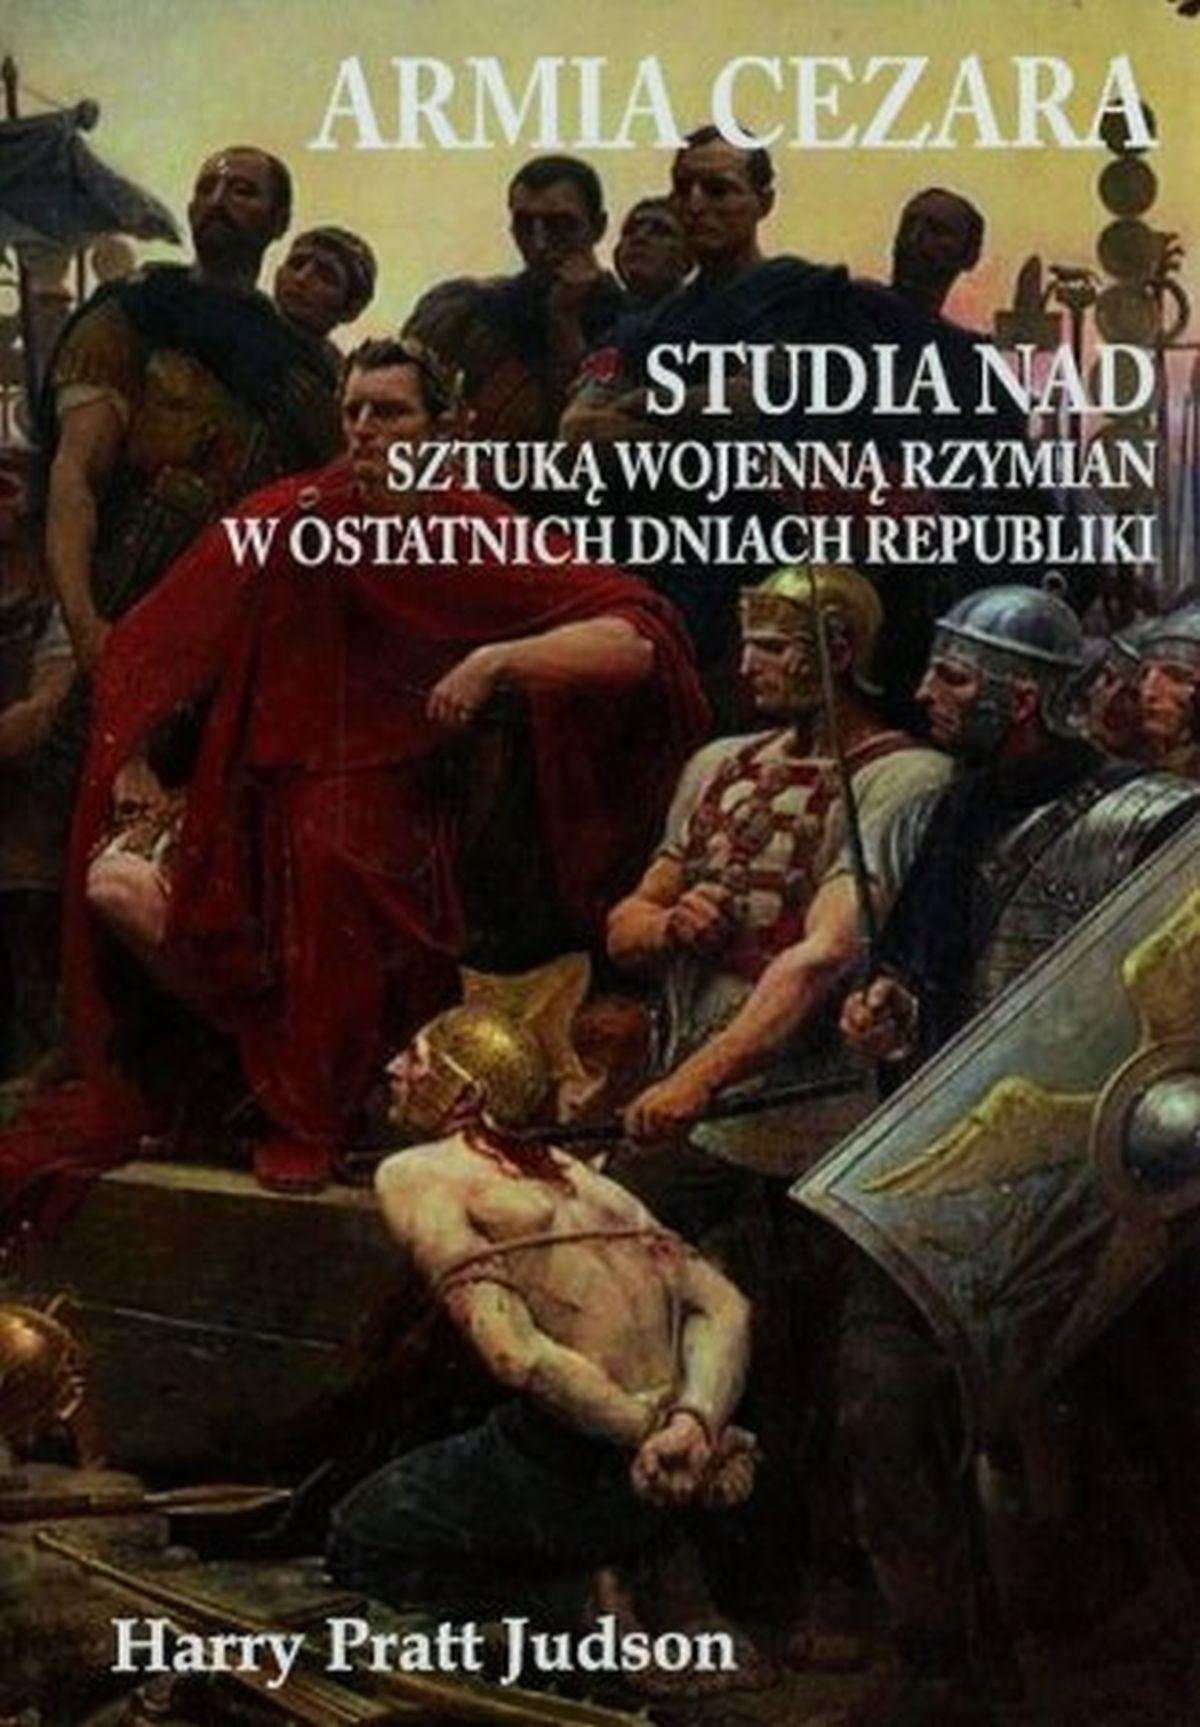 Armia Cezara. Studia nad sztuką wojenną Rzymian w ostatnich dniach republiki